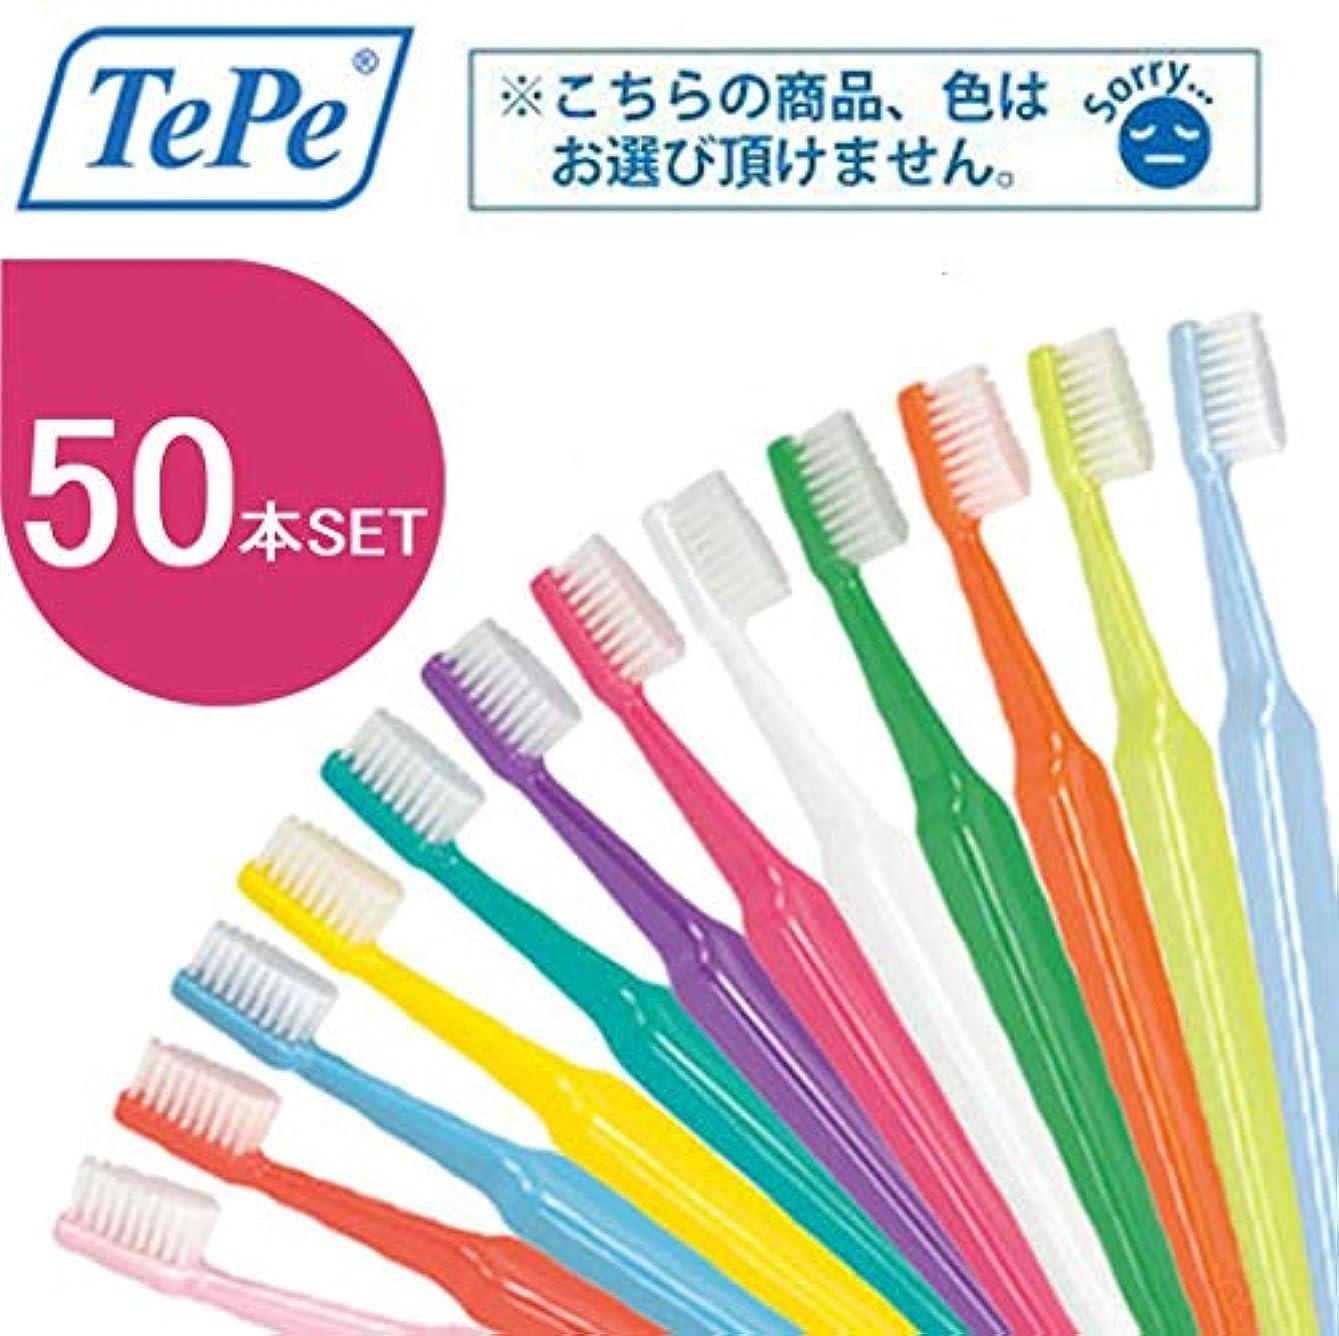 モデレータ熟練した四クロスフィールド TePe テペ セレクト 歯ブラシ 50本 (ミディアム)